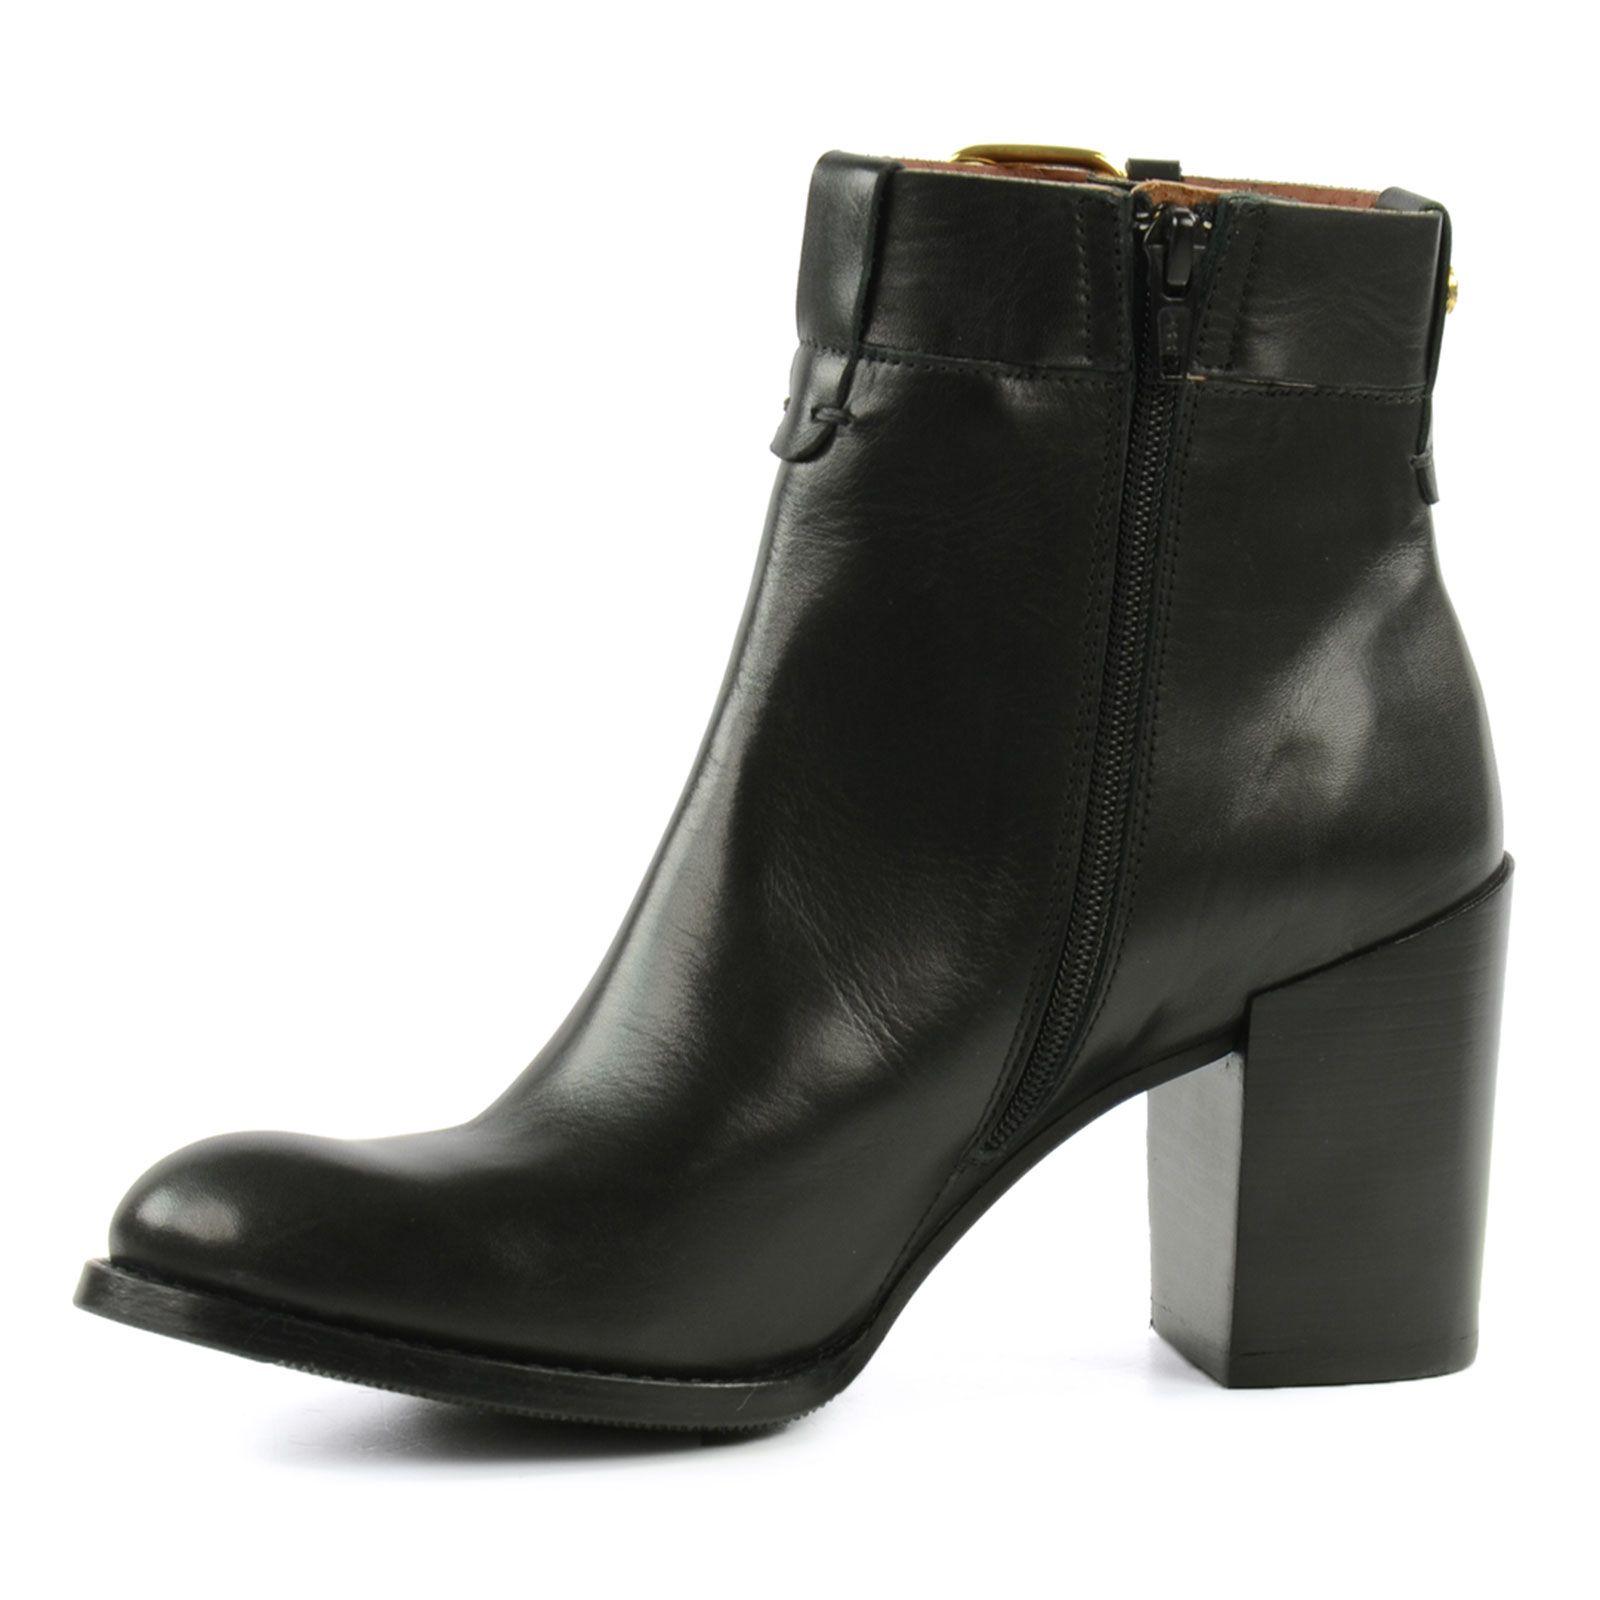 à femmes – Bottines SACHA cuir boucle noir talon avec 54LqRAj3